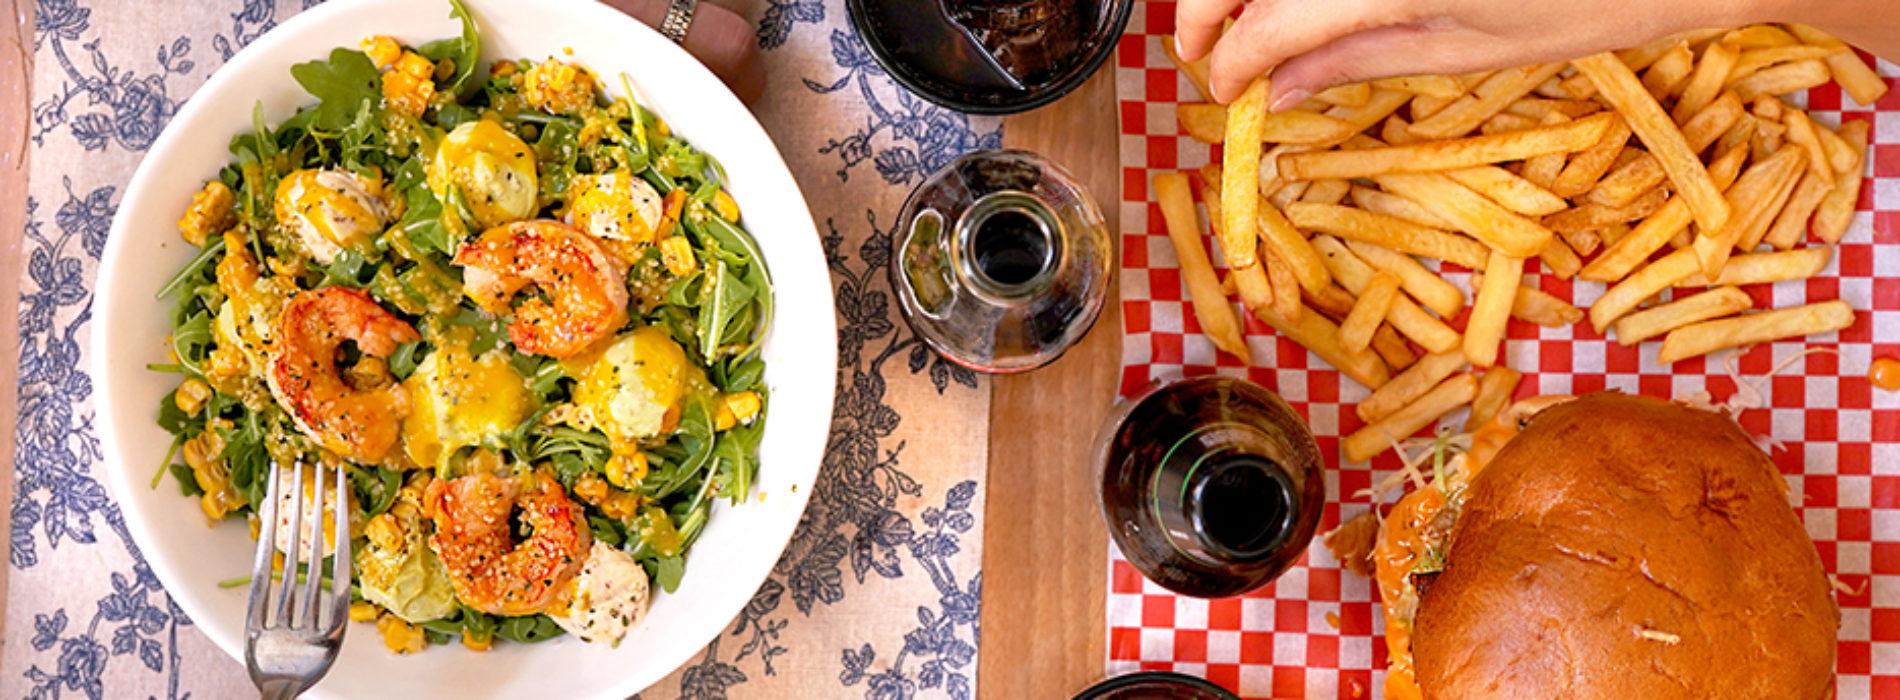 Different Together Milano, cenare in due ristoranti allo stesso indirizzo